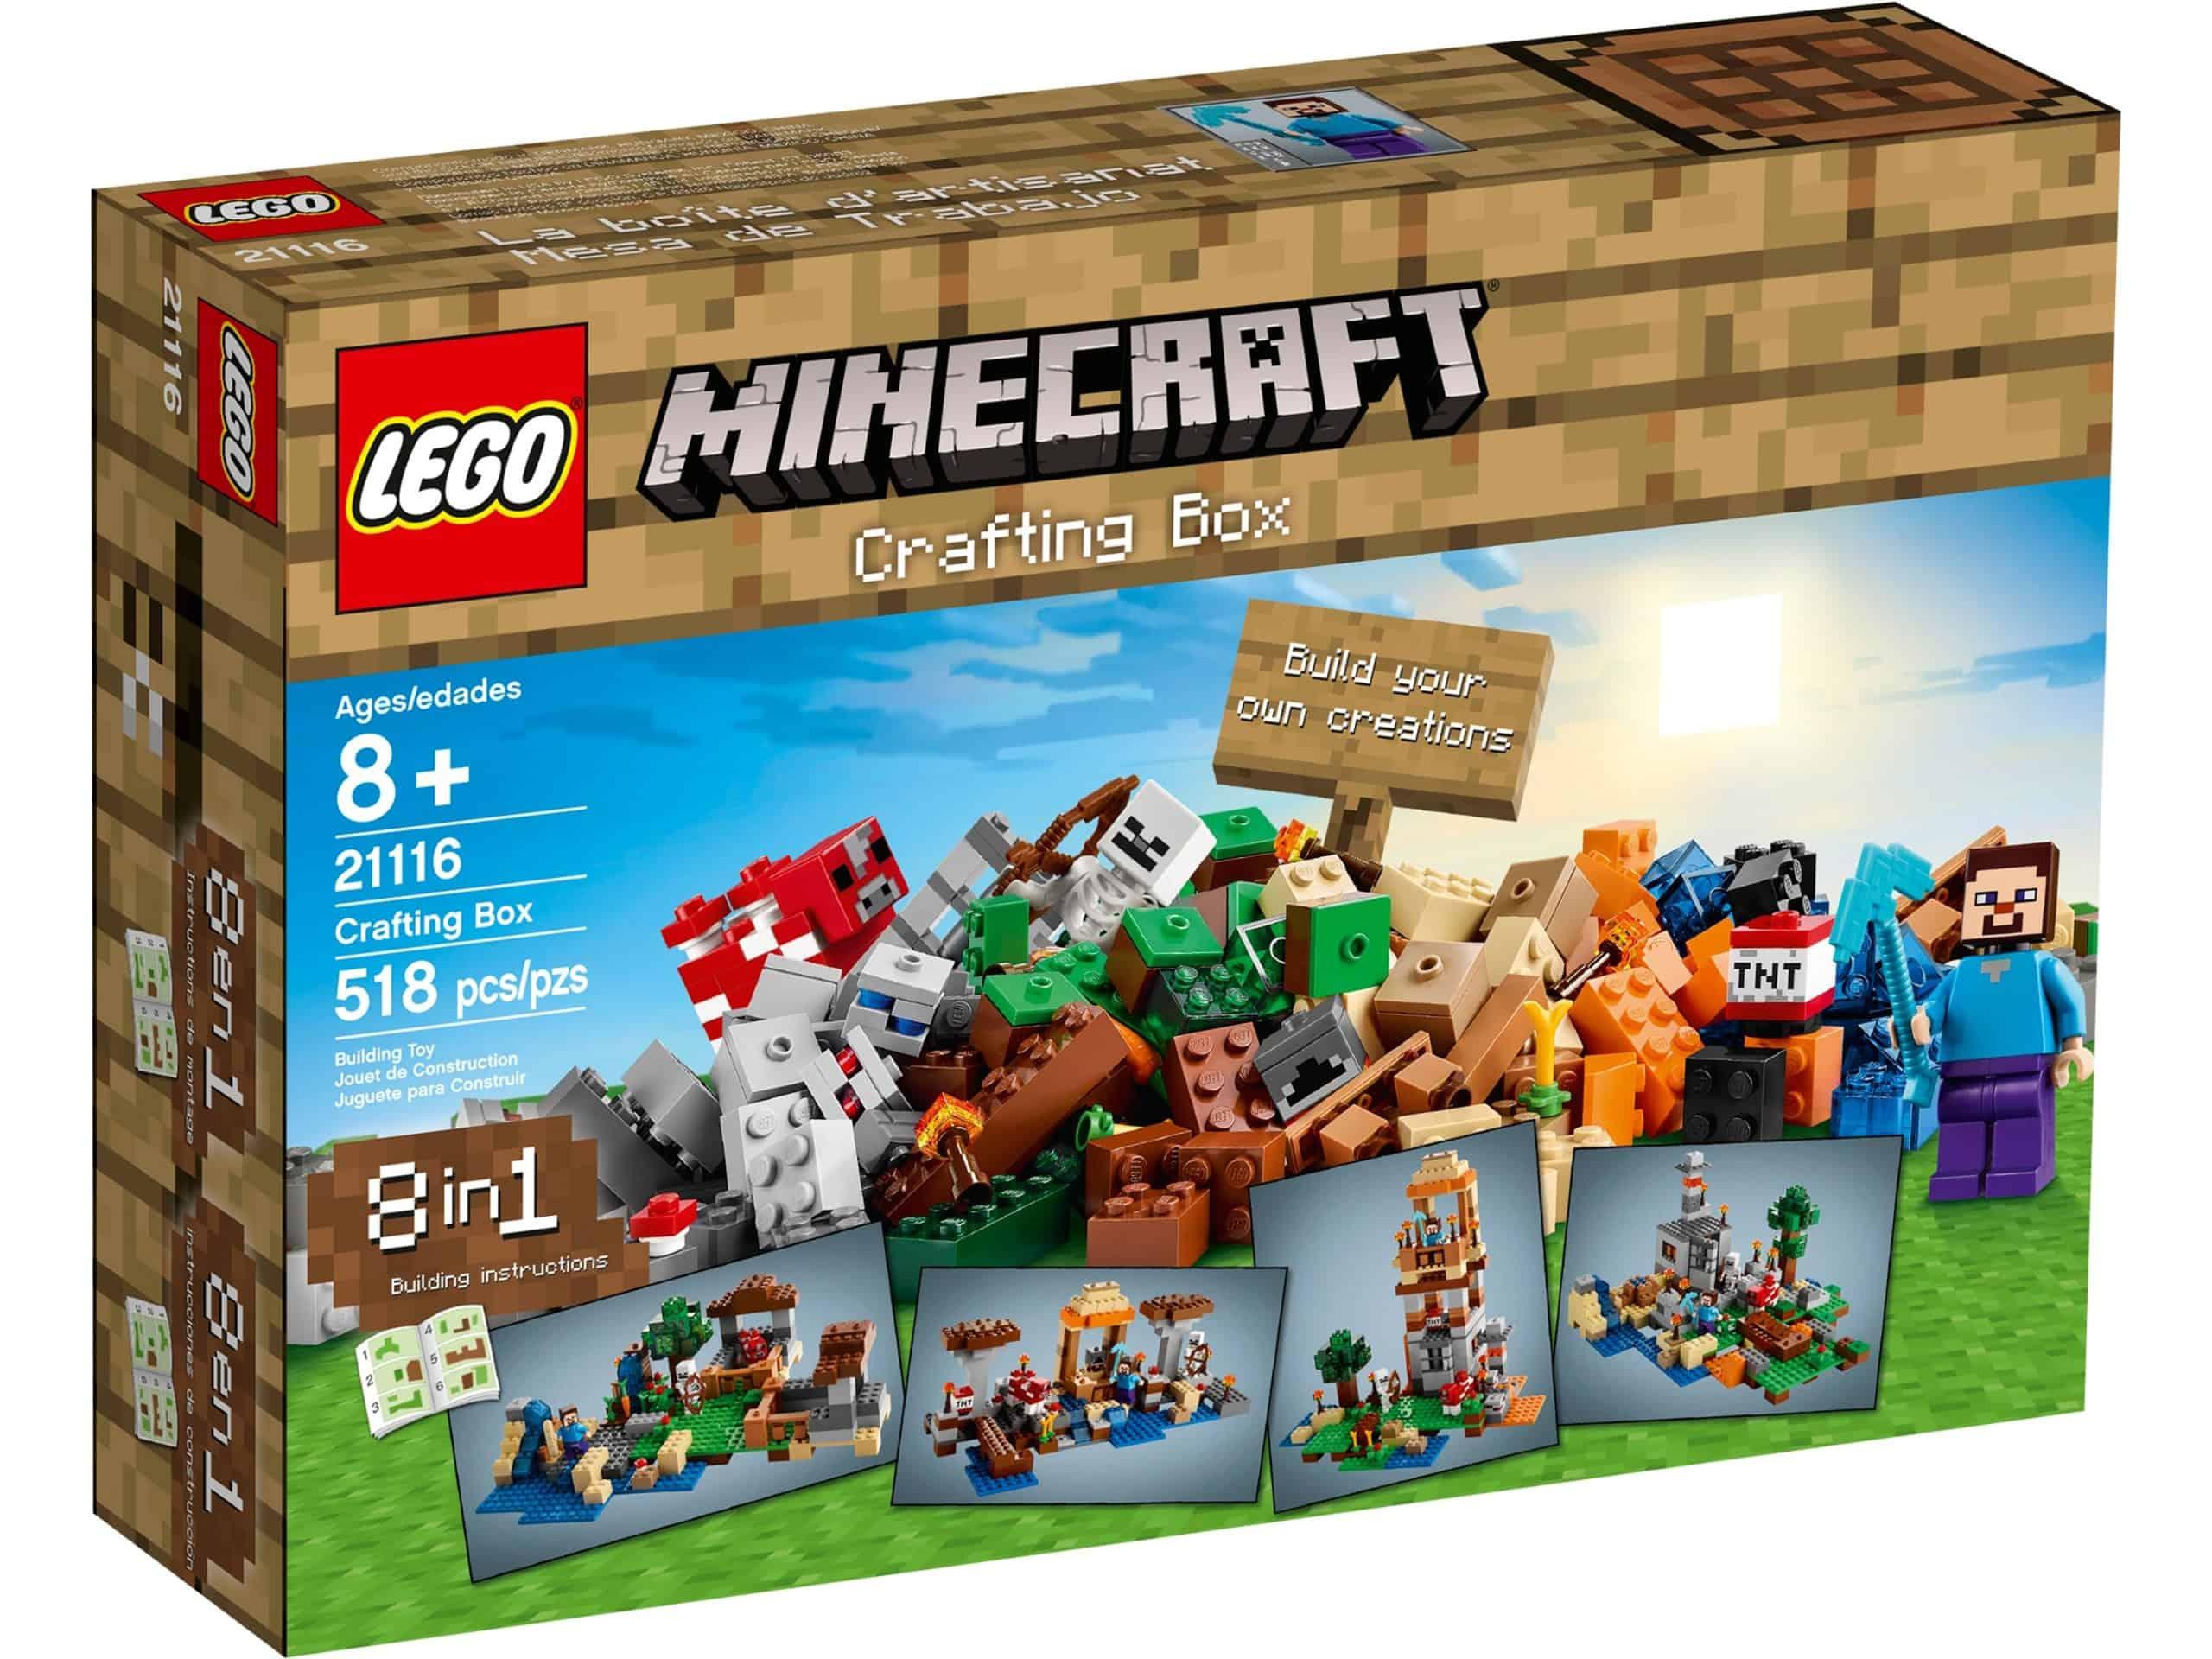 lego 21116 crafting box scaled